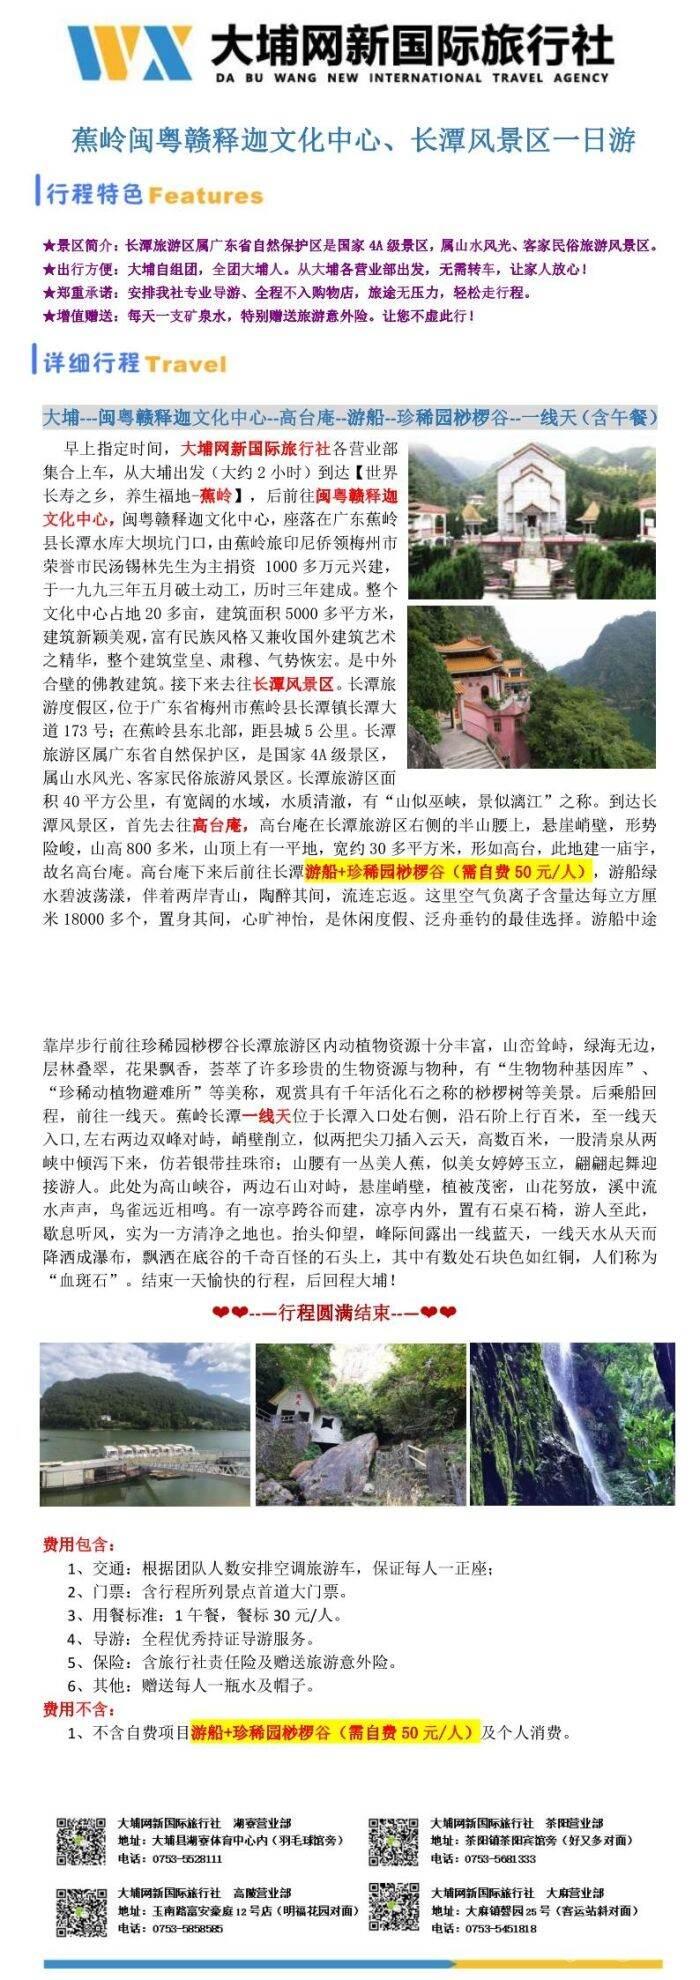 蕉岭闽粤赣释迦文化中心、长潭风景区一日游.jpg